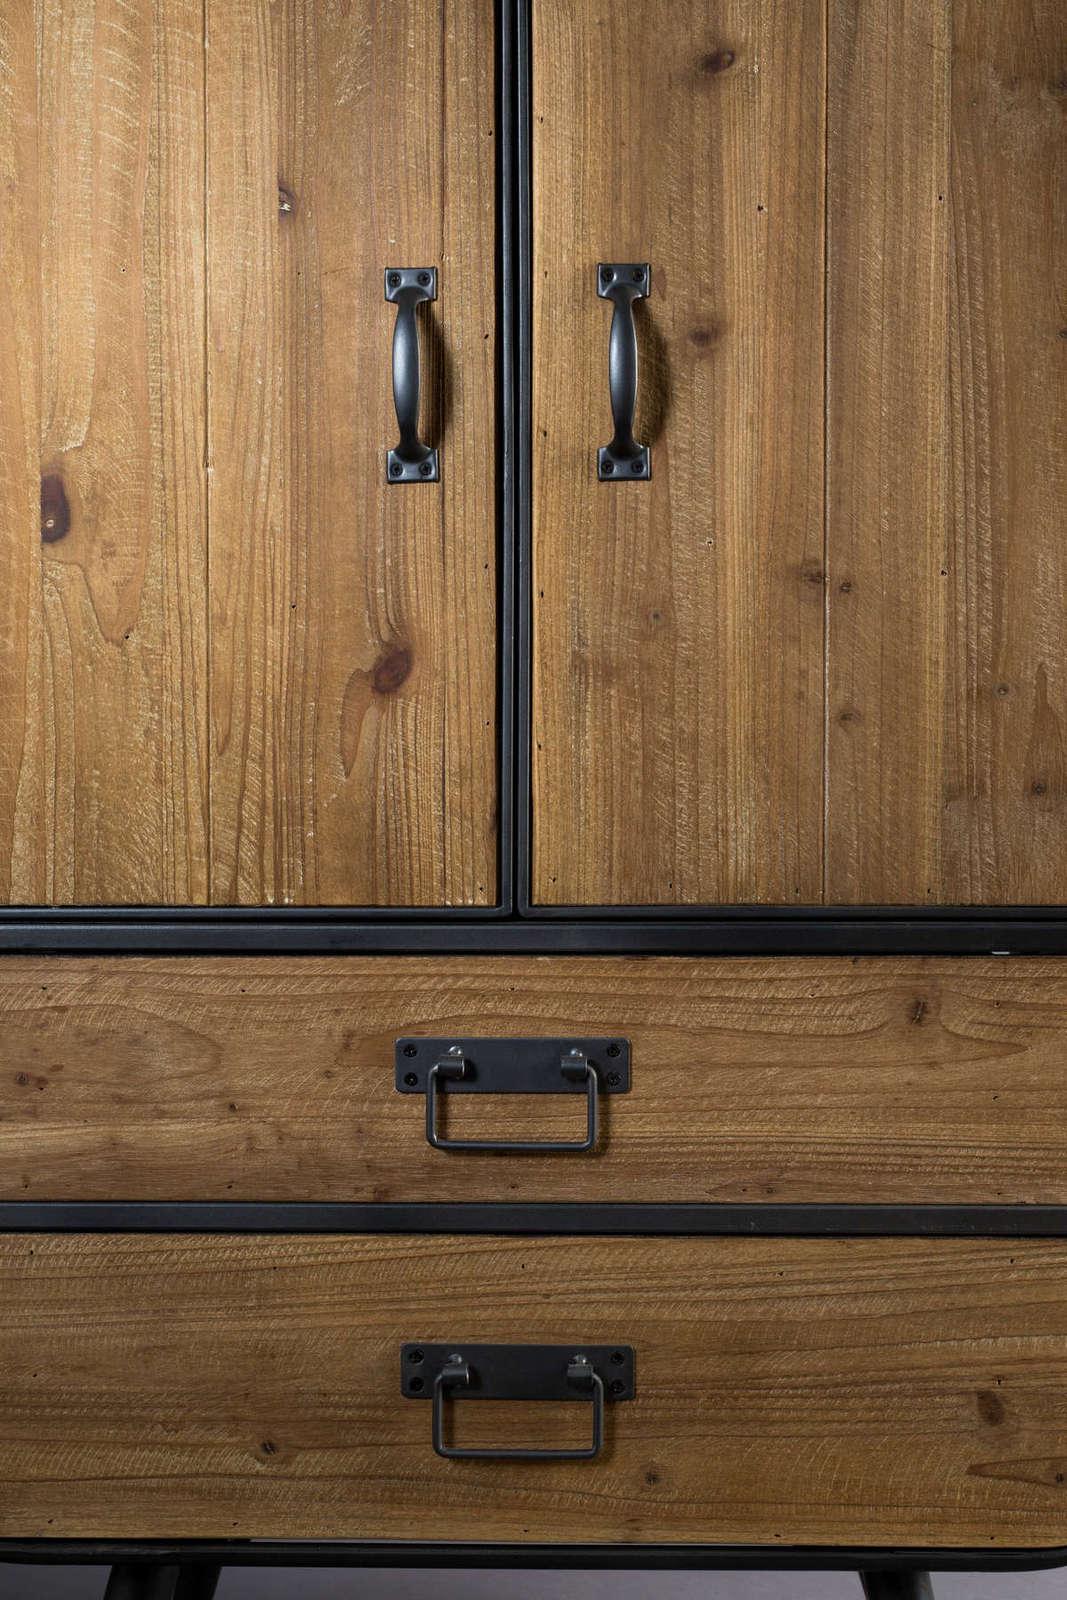 meble drewniane styl skandynawski katowice